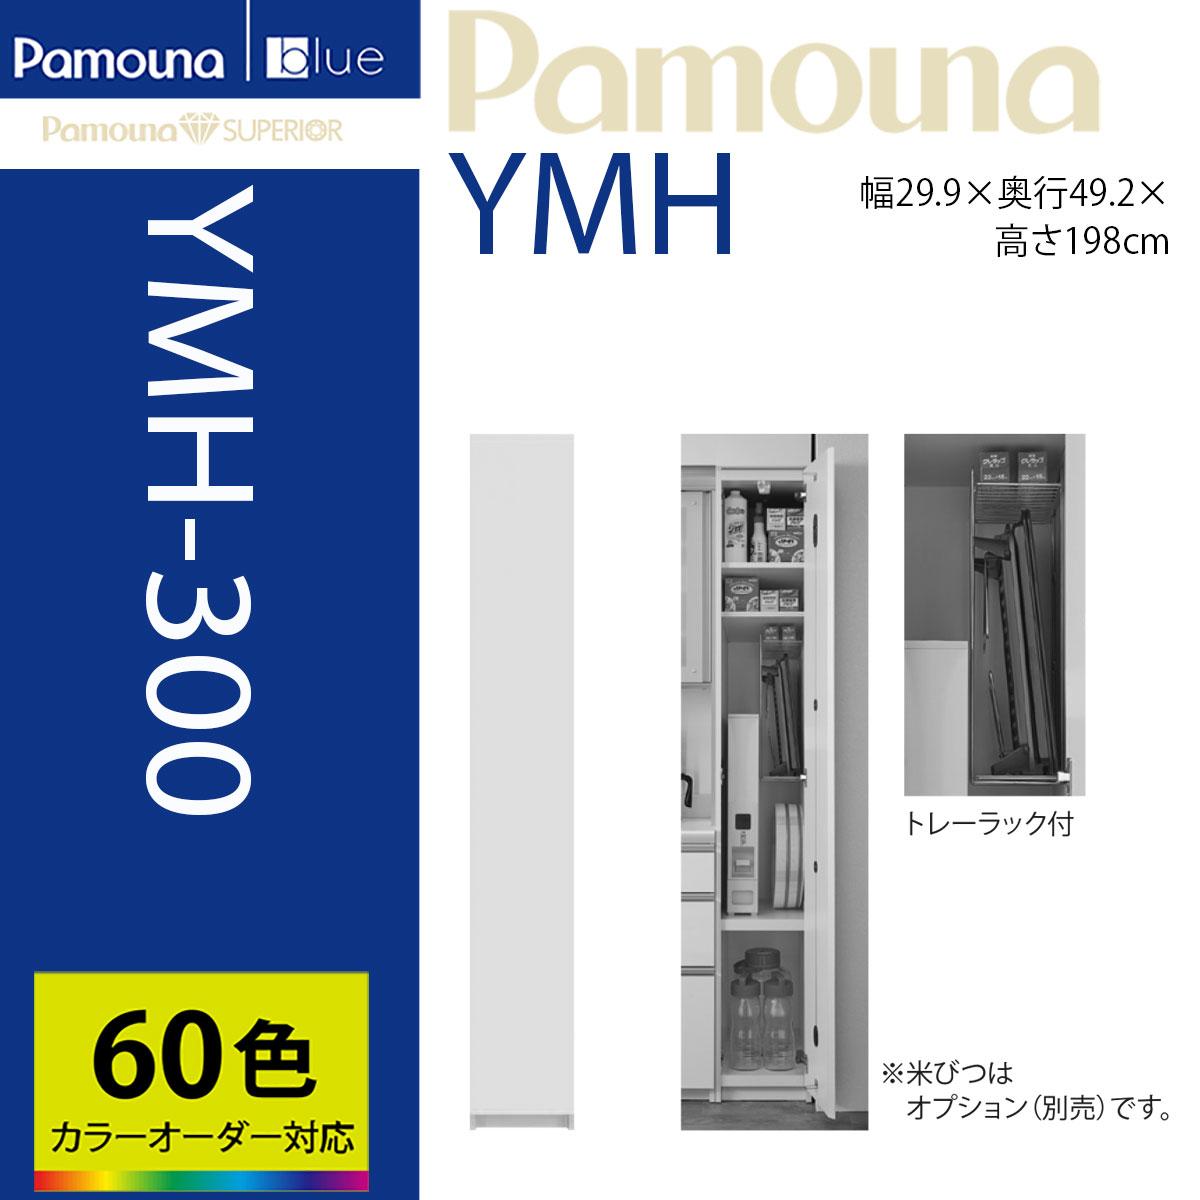 パモウナ YM スリムストッカー 【幅29.9×奥行49.2×高さ198cm】 パールホワイト カラーオーダー YMH-300